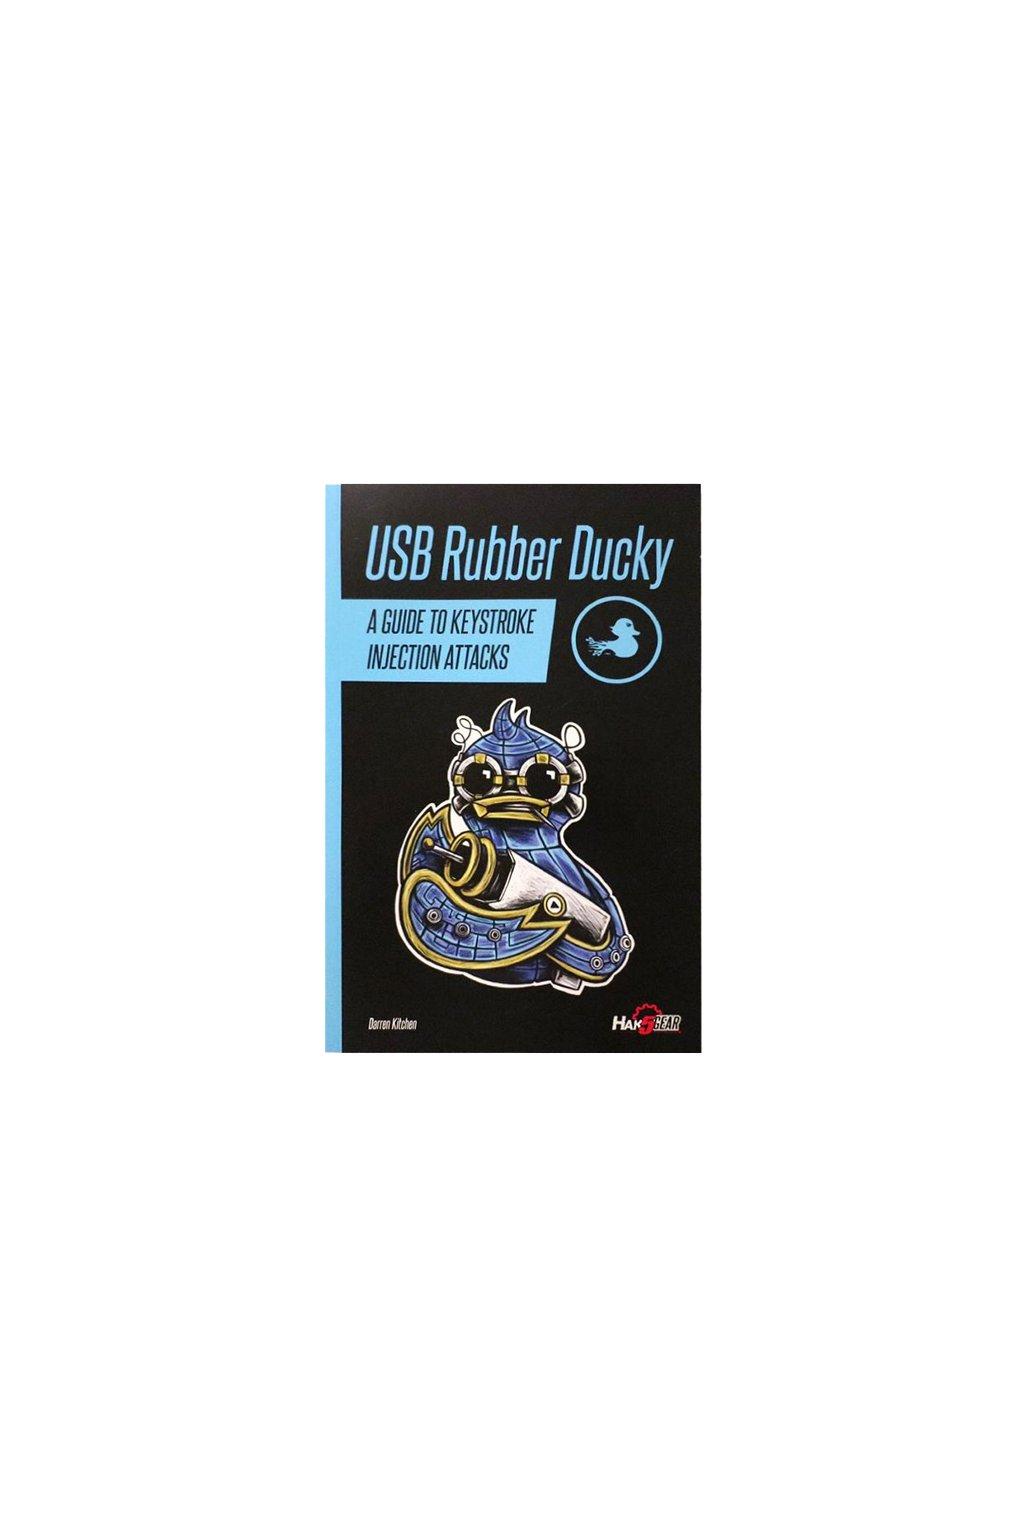 HAK5 Rubber Ducky Field Guide